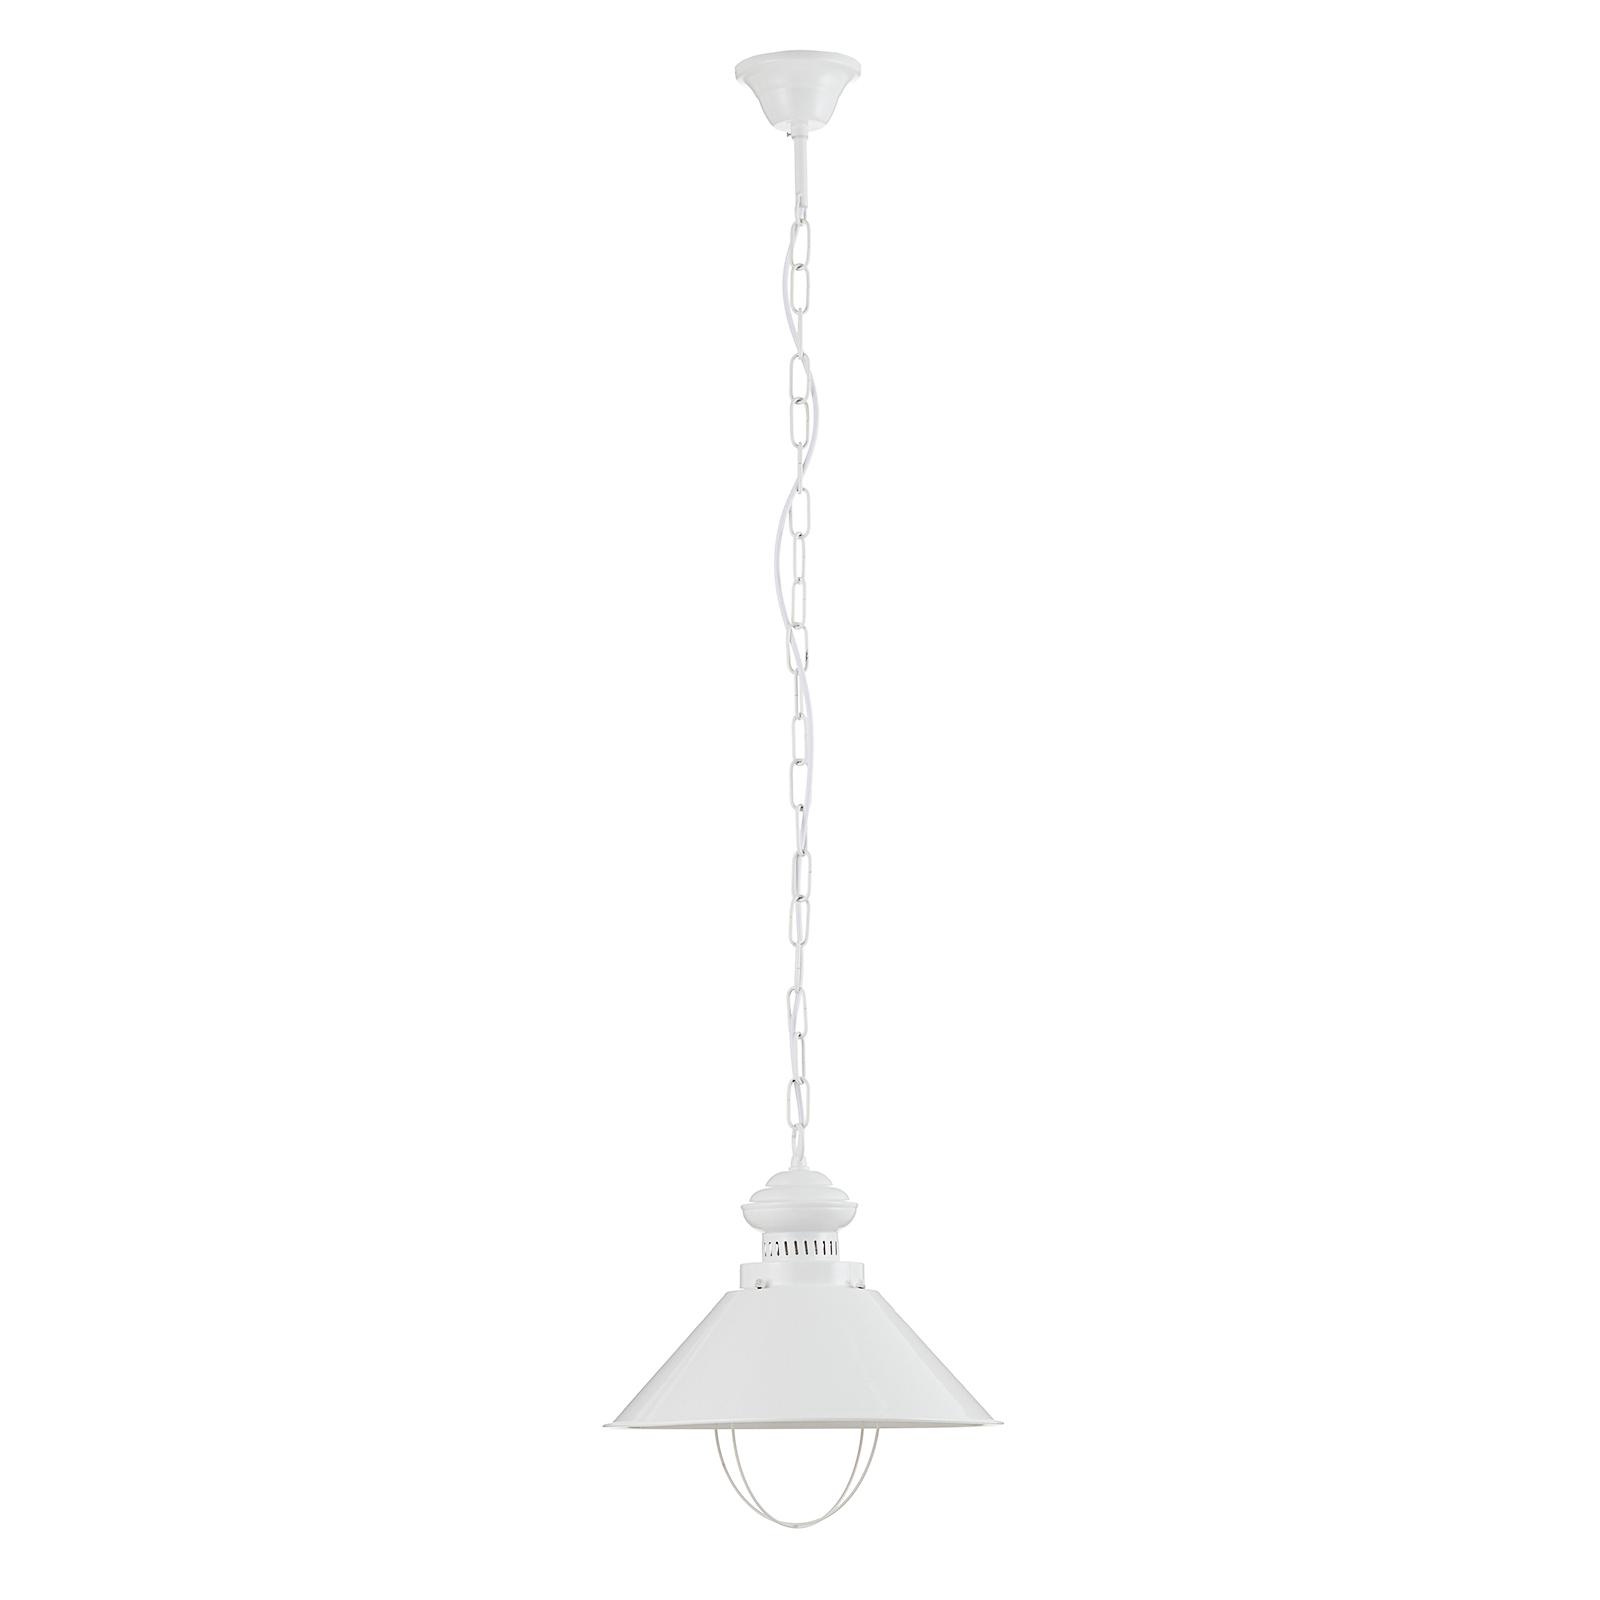 Essenziale lampada sospensione Harvey in bianco